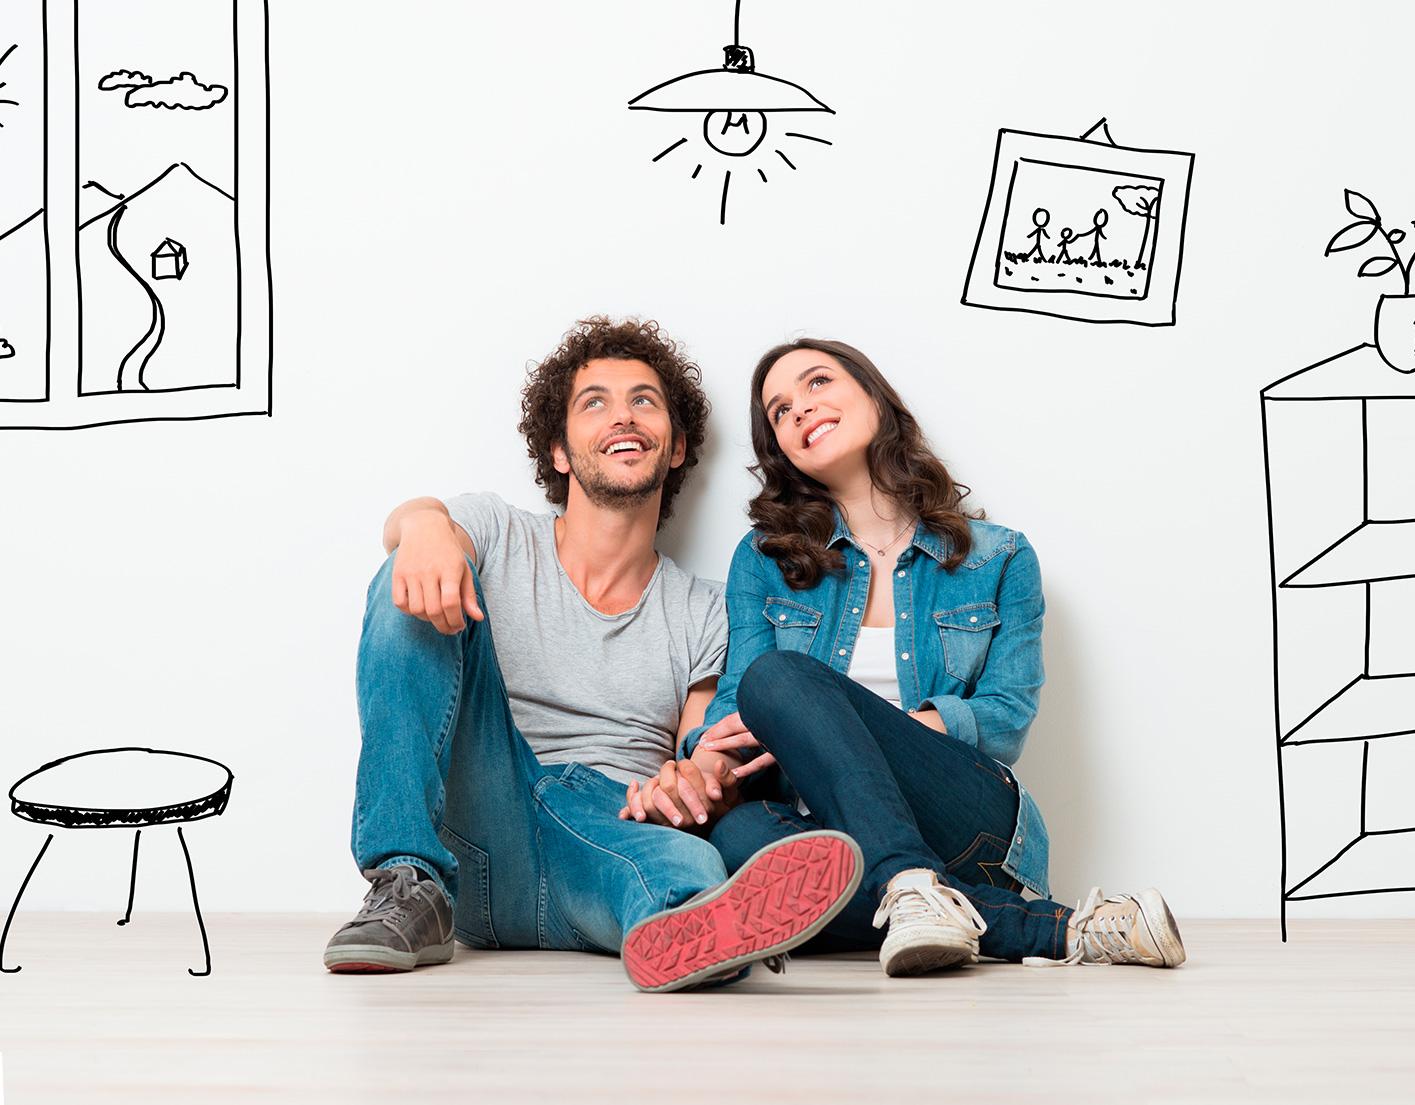 ¿Cómo comprar una casa?. 9 puntos a tener en cuenta